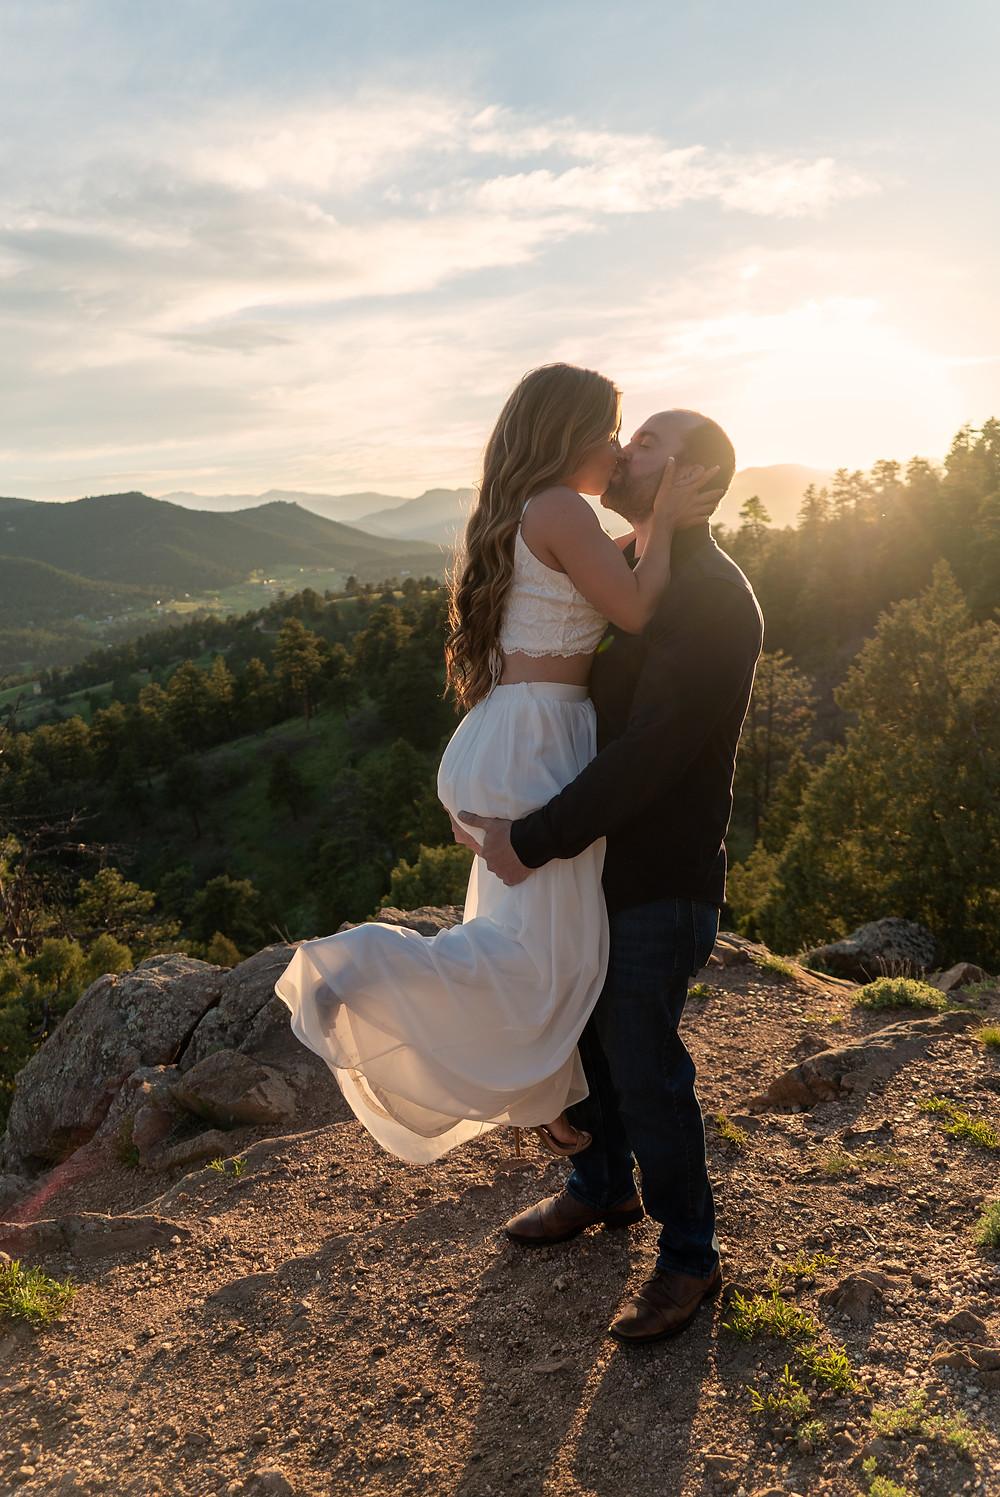 Wedding photographer in Denver, Colorado